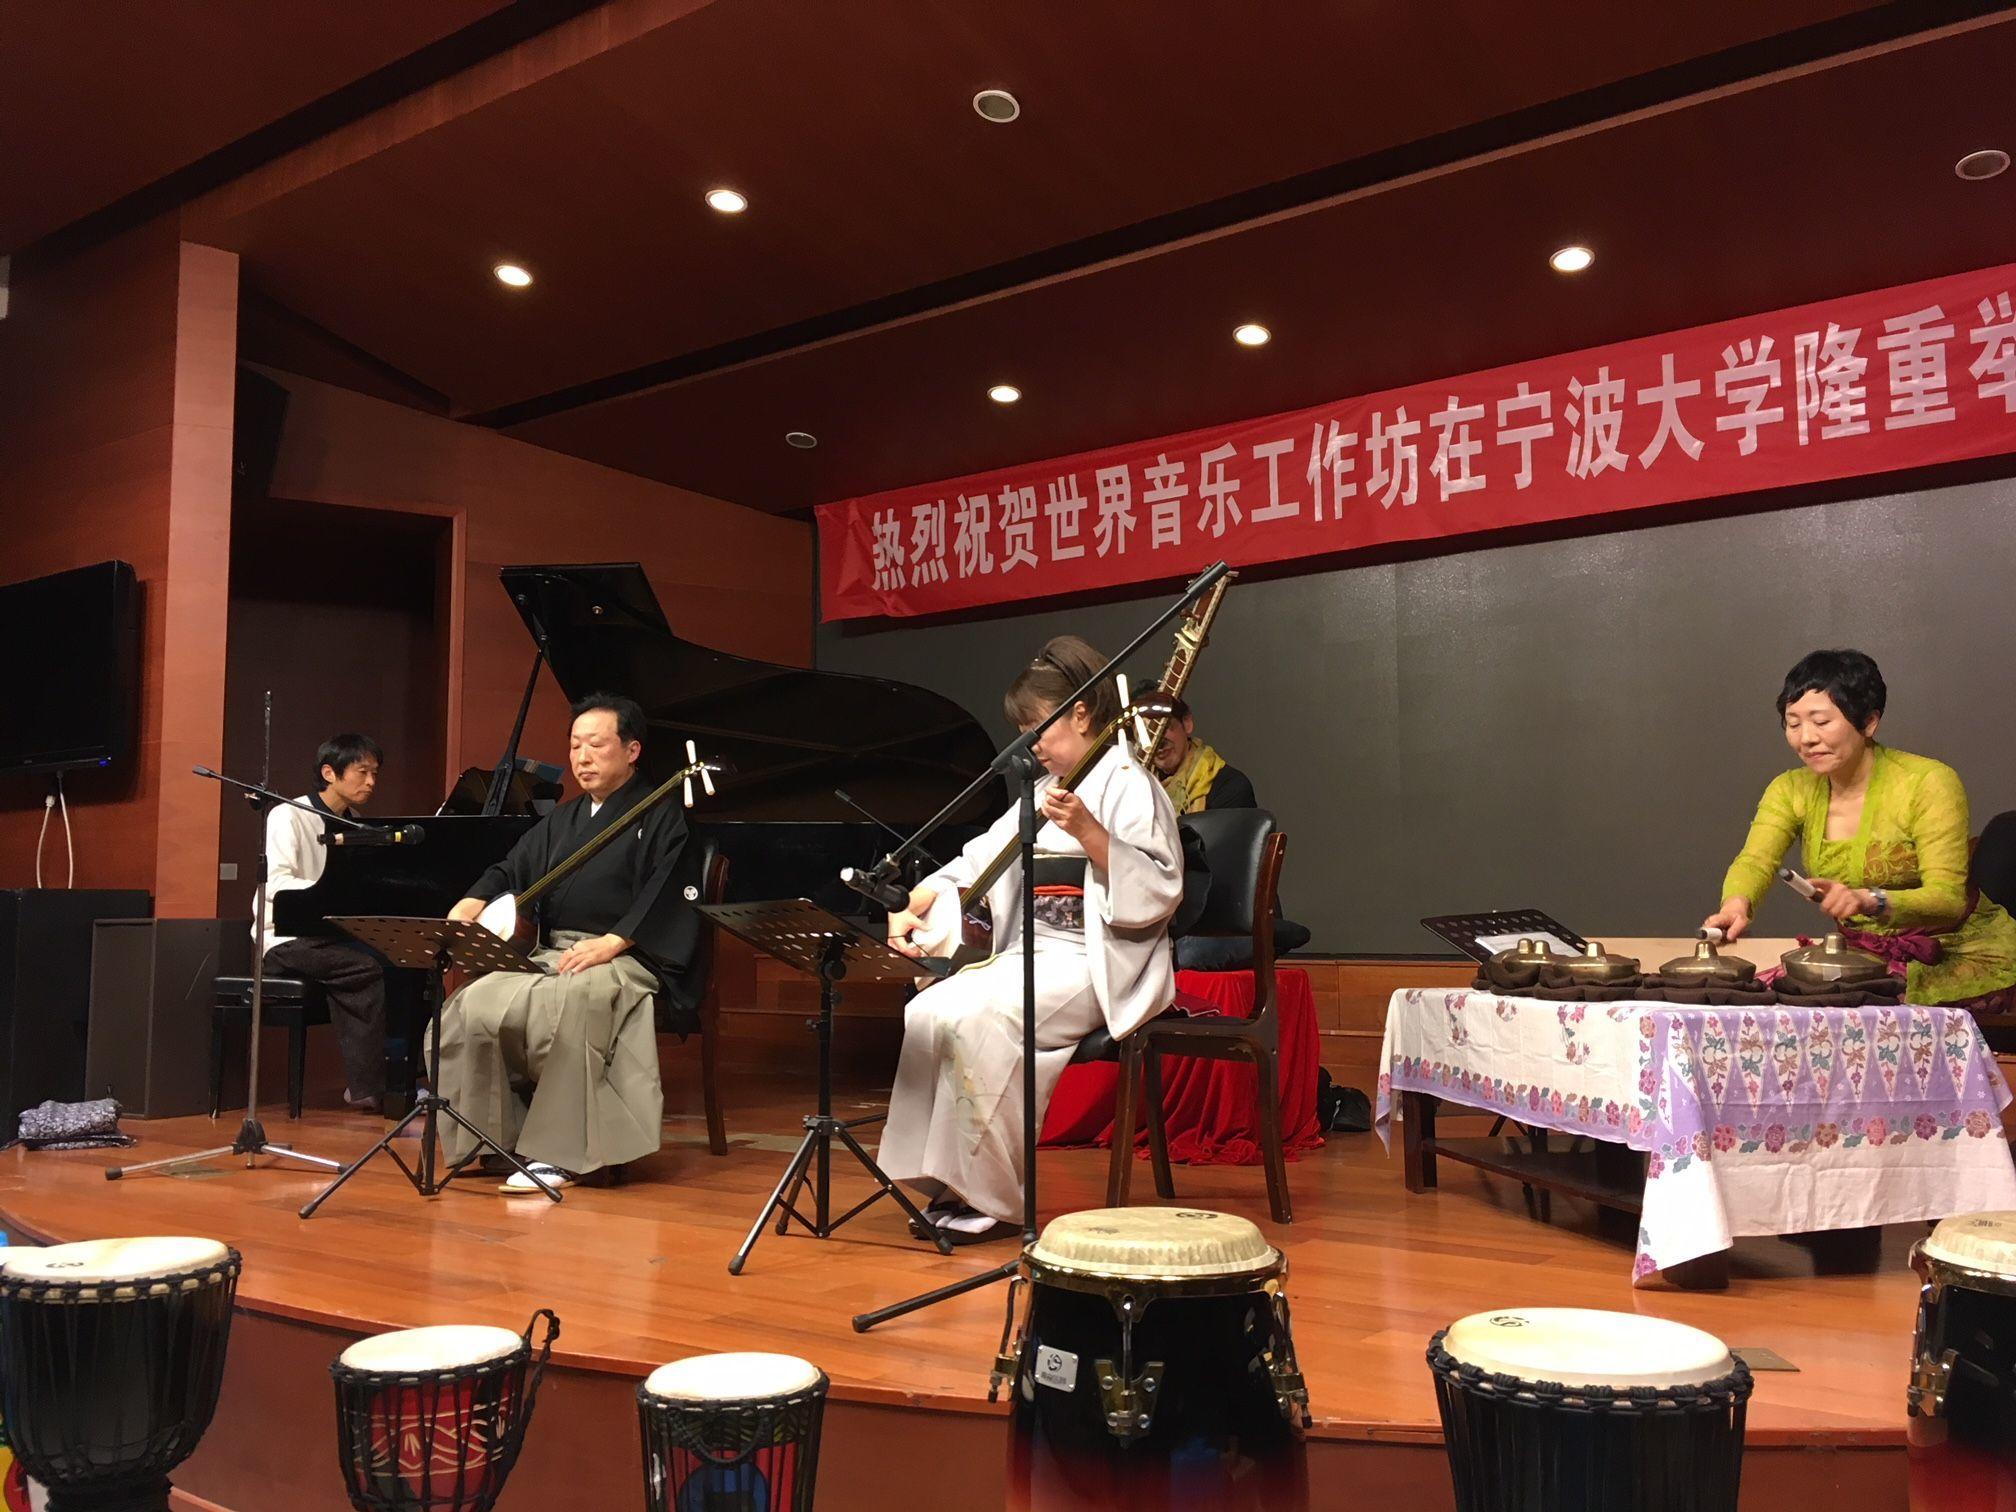 中国でガムランを奏でました_e0017689_18182727.jpg